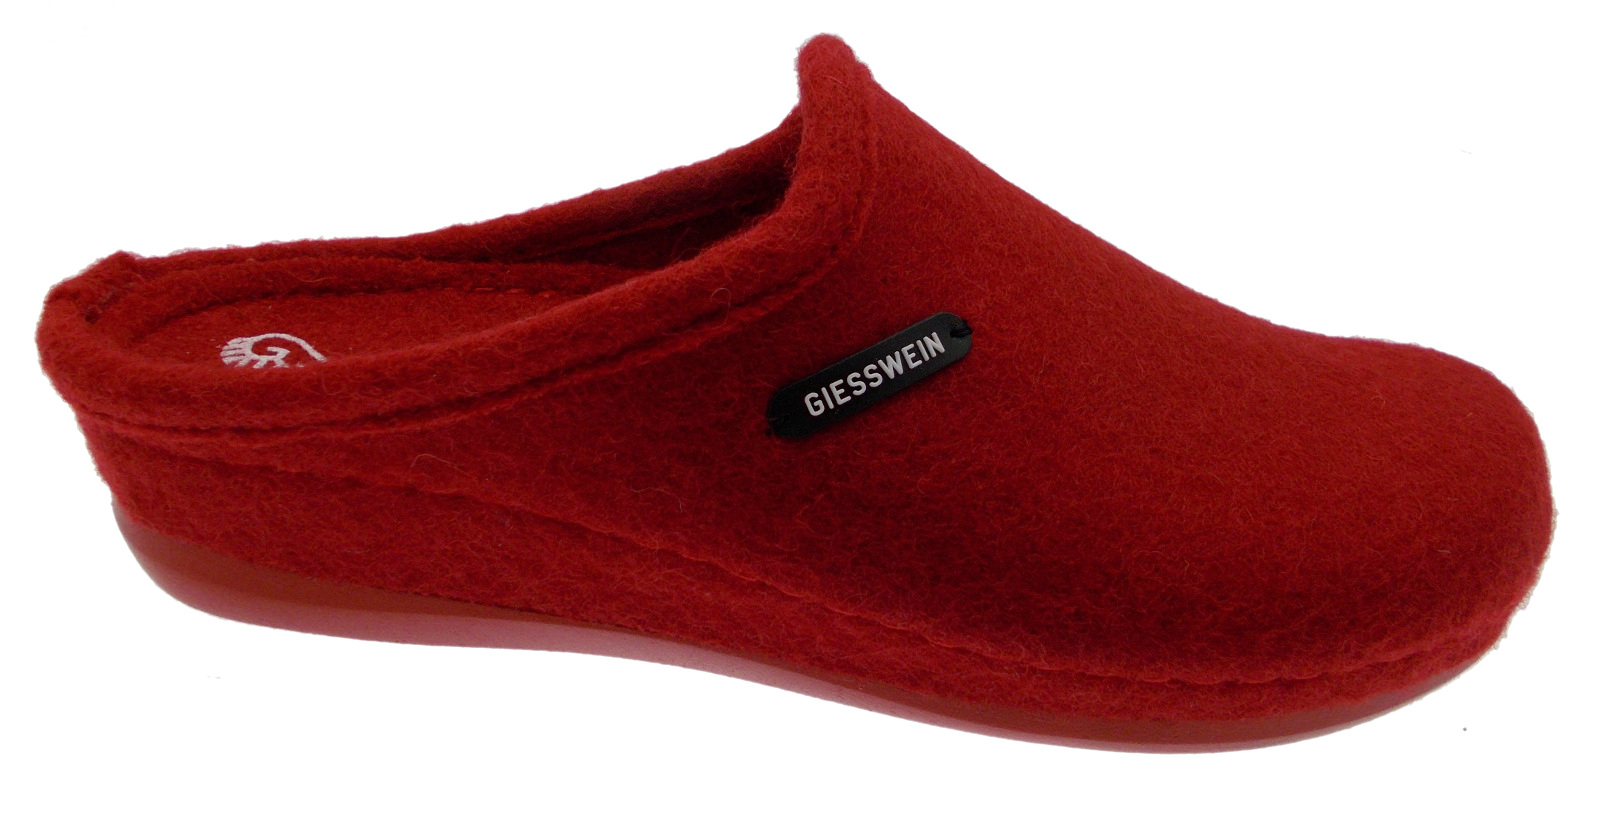 49304 Giesswein Panno Zeppa Rosso Ciabatta 68 10 Jena 362 BXw8x5nOq1